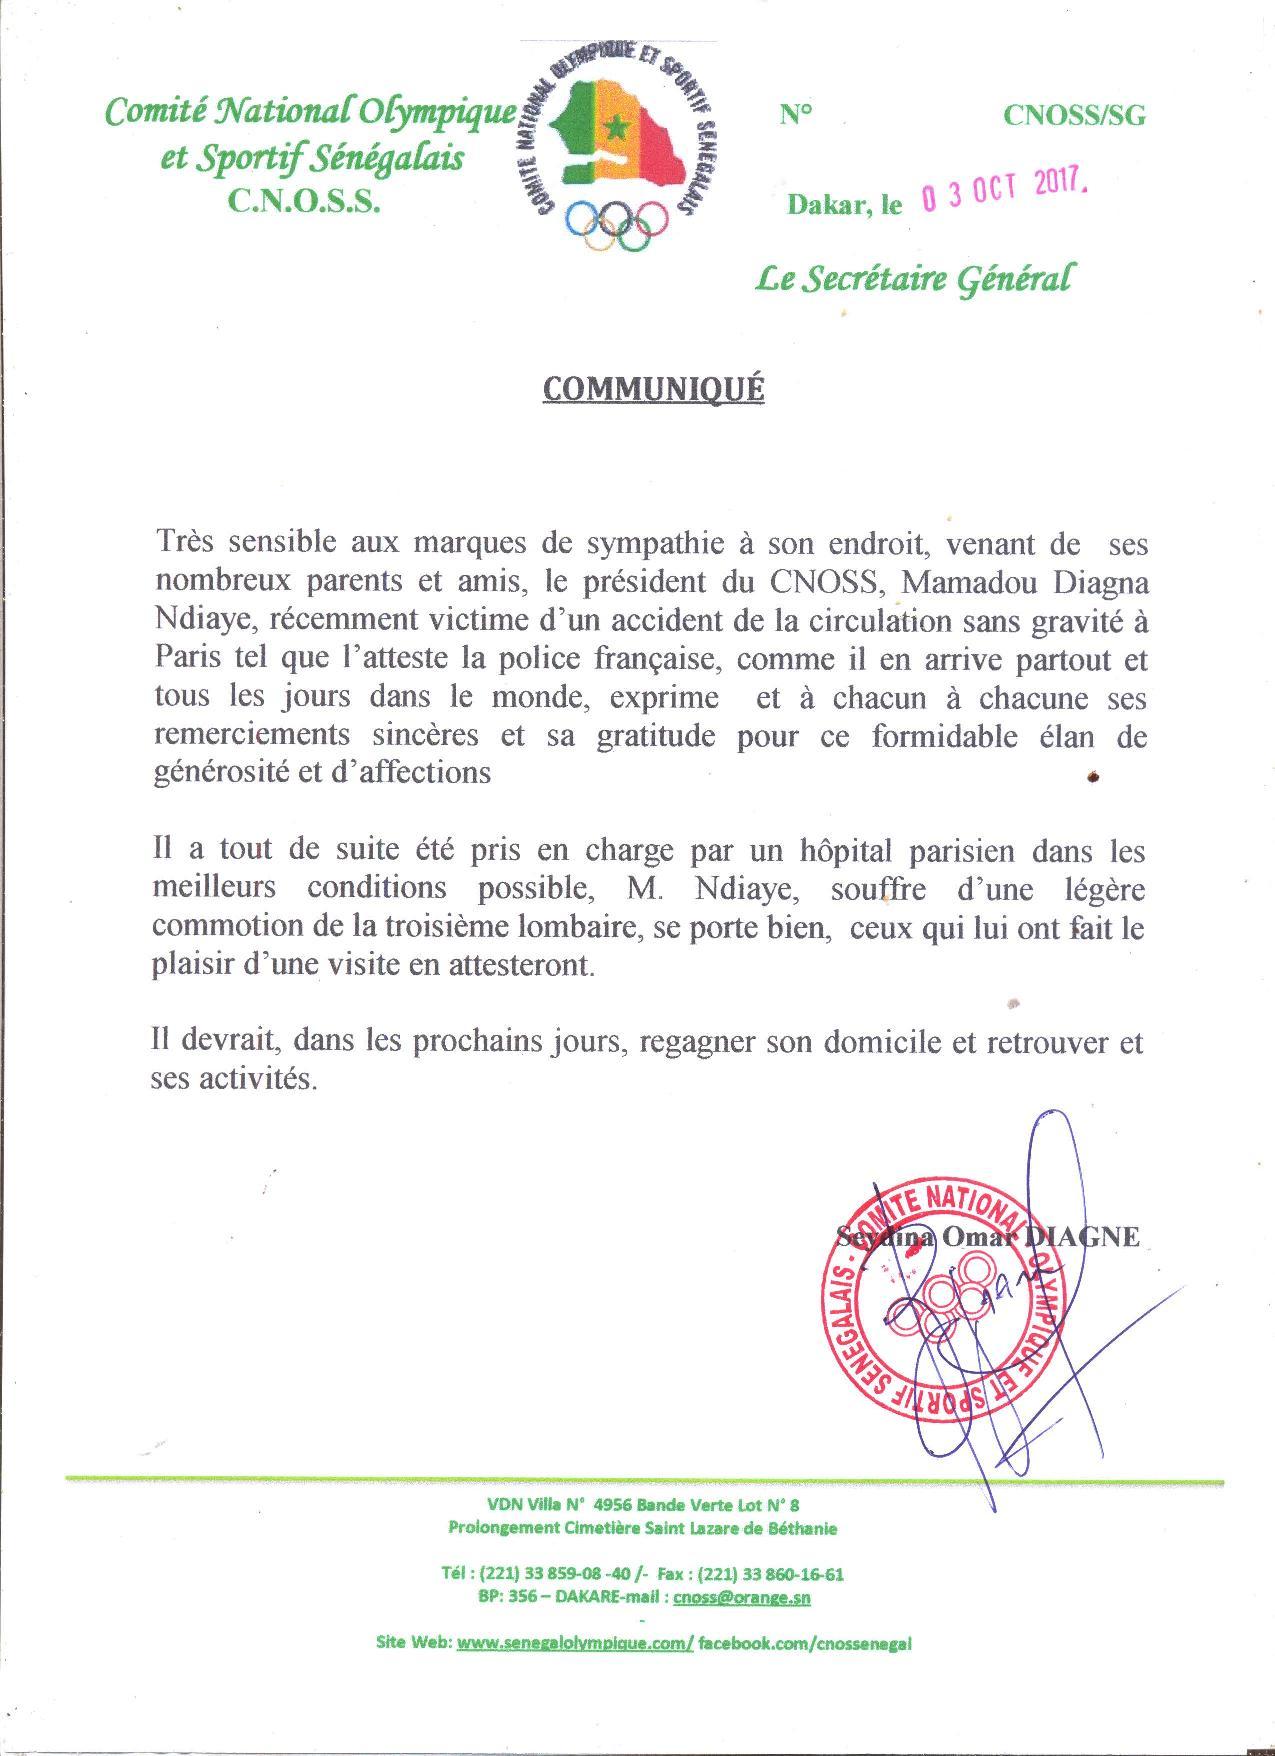 Accident à Paris :  Diagna Ndiaye, souffrant d'une légère commotion de la troisième lombaire, va mieux et remercie les Sénégalais pour leur compassion